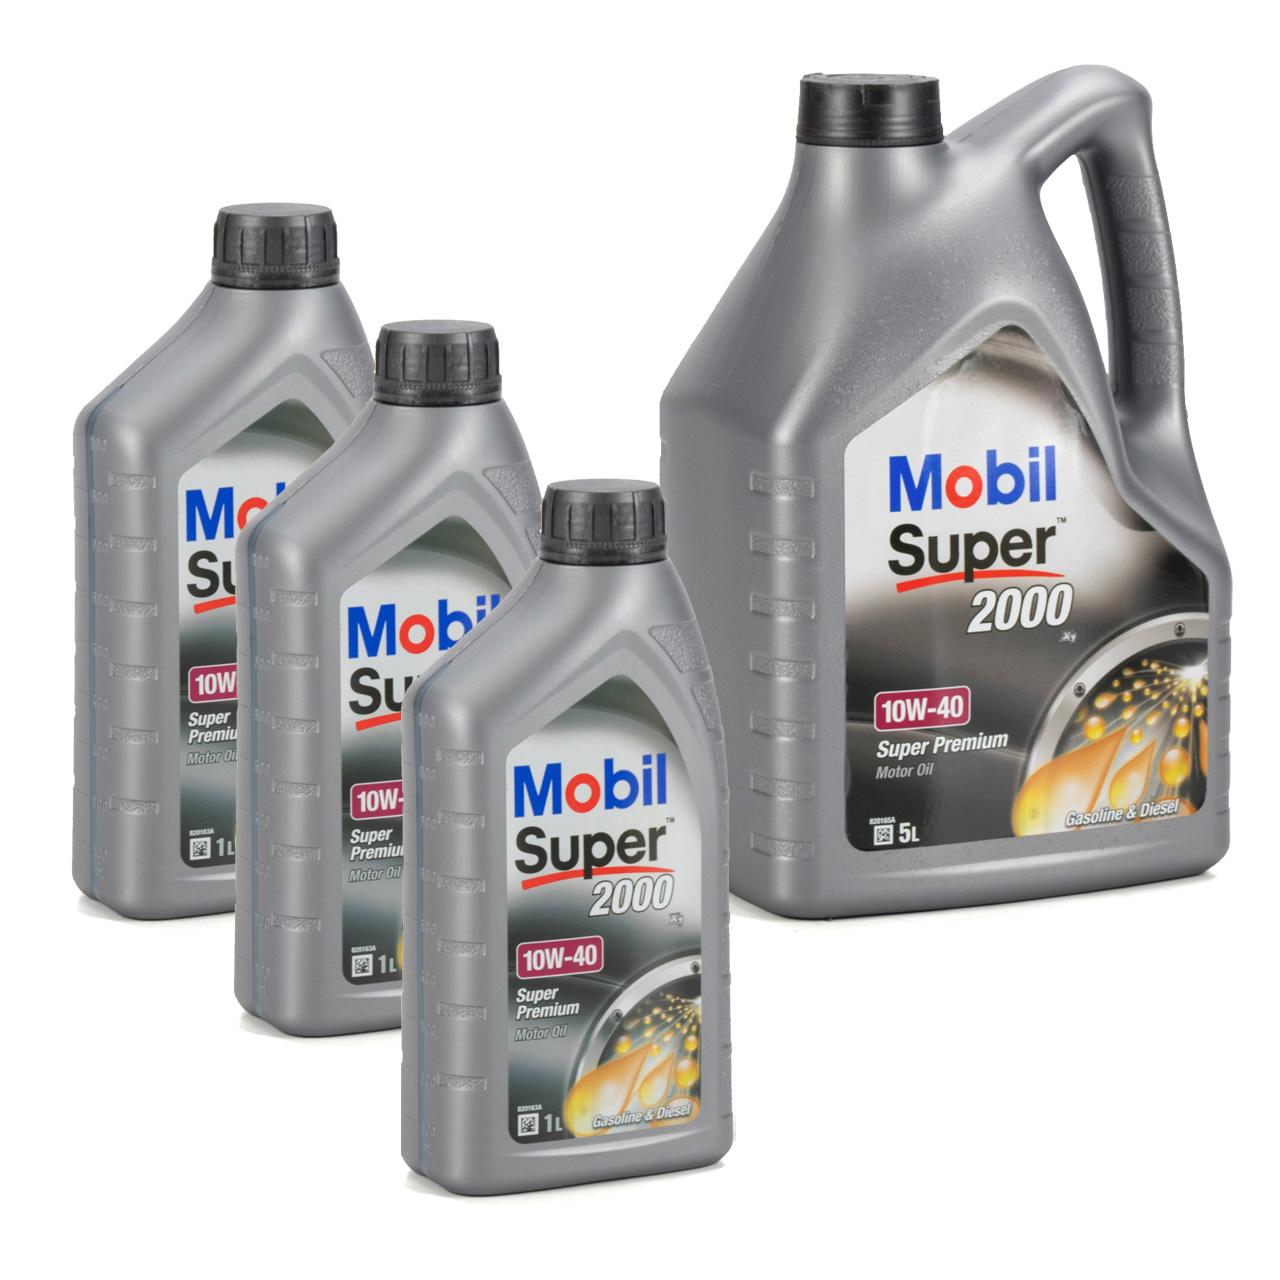 Mobil SUPER 2000 X1 10W40 Super Premium Motoröl Öl VW 501.01/505.00 - 8L 8 Liter